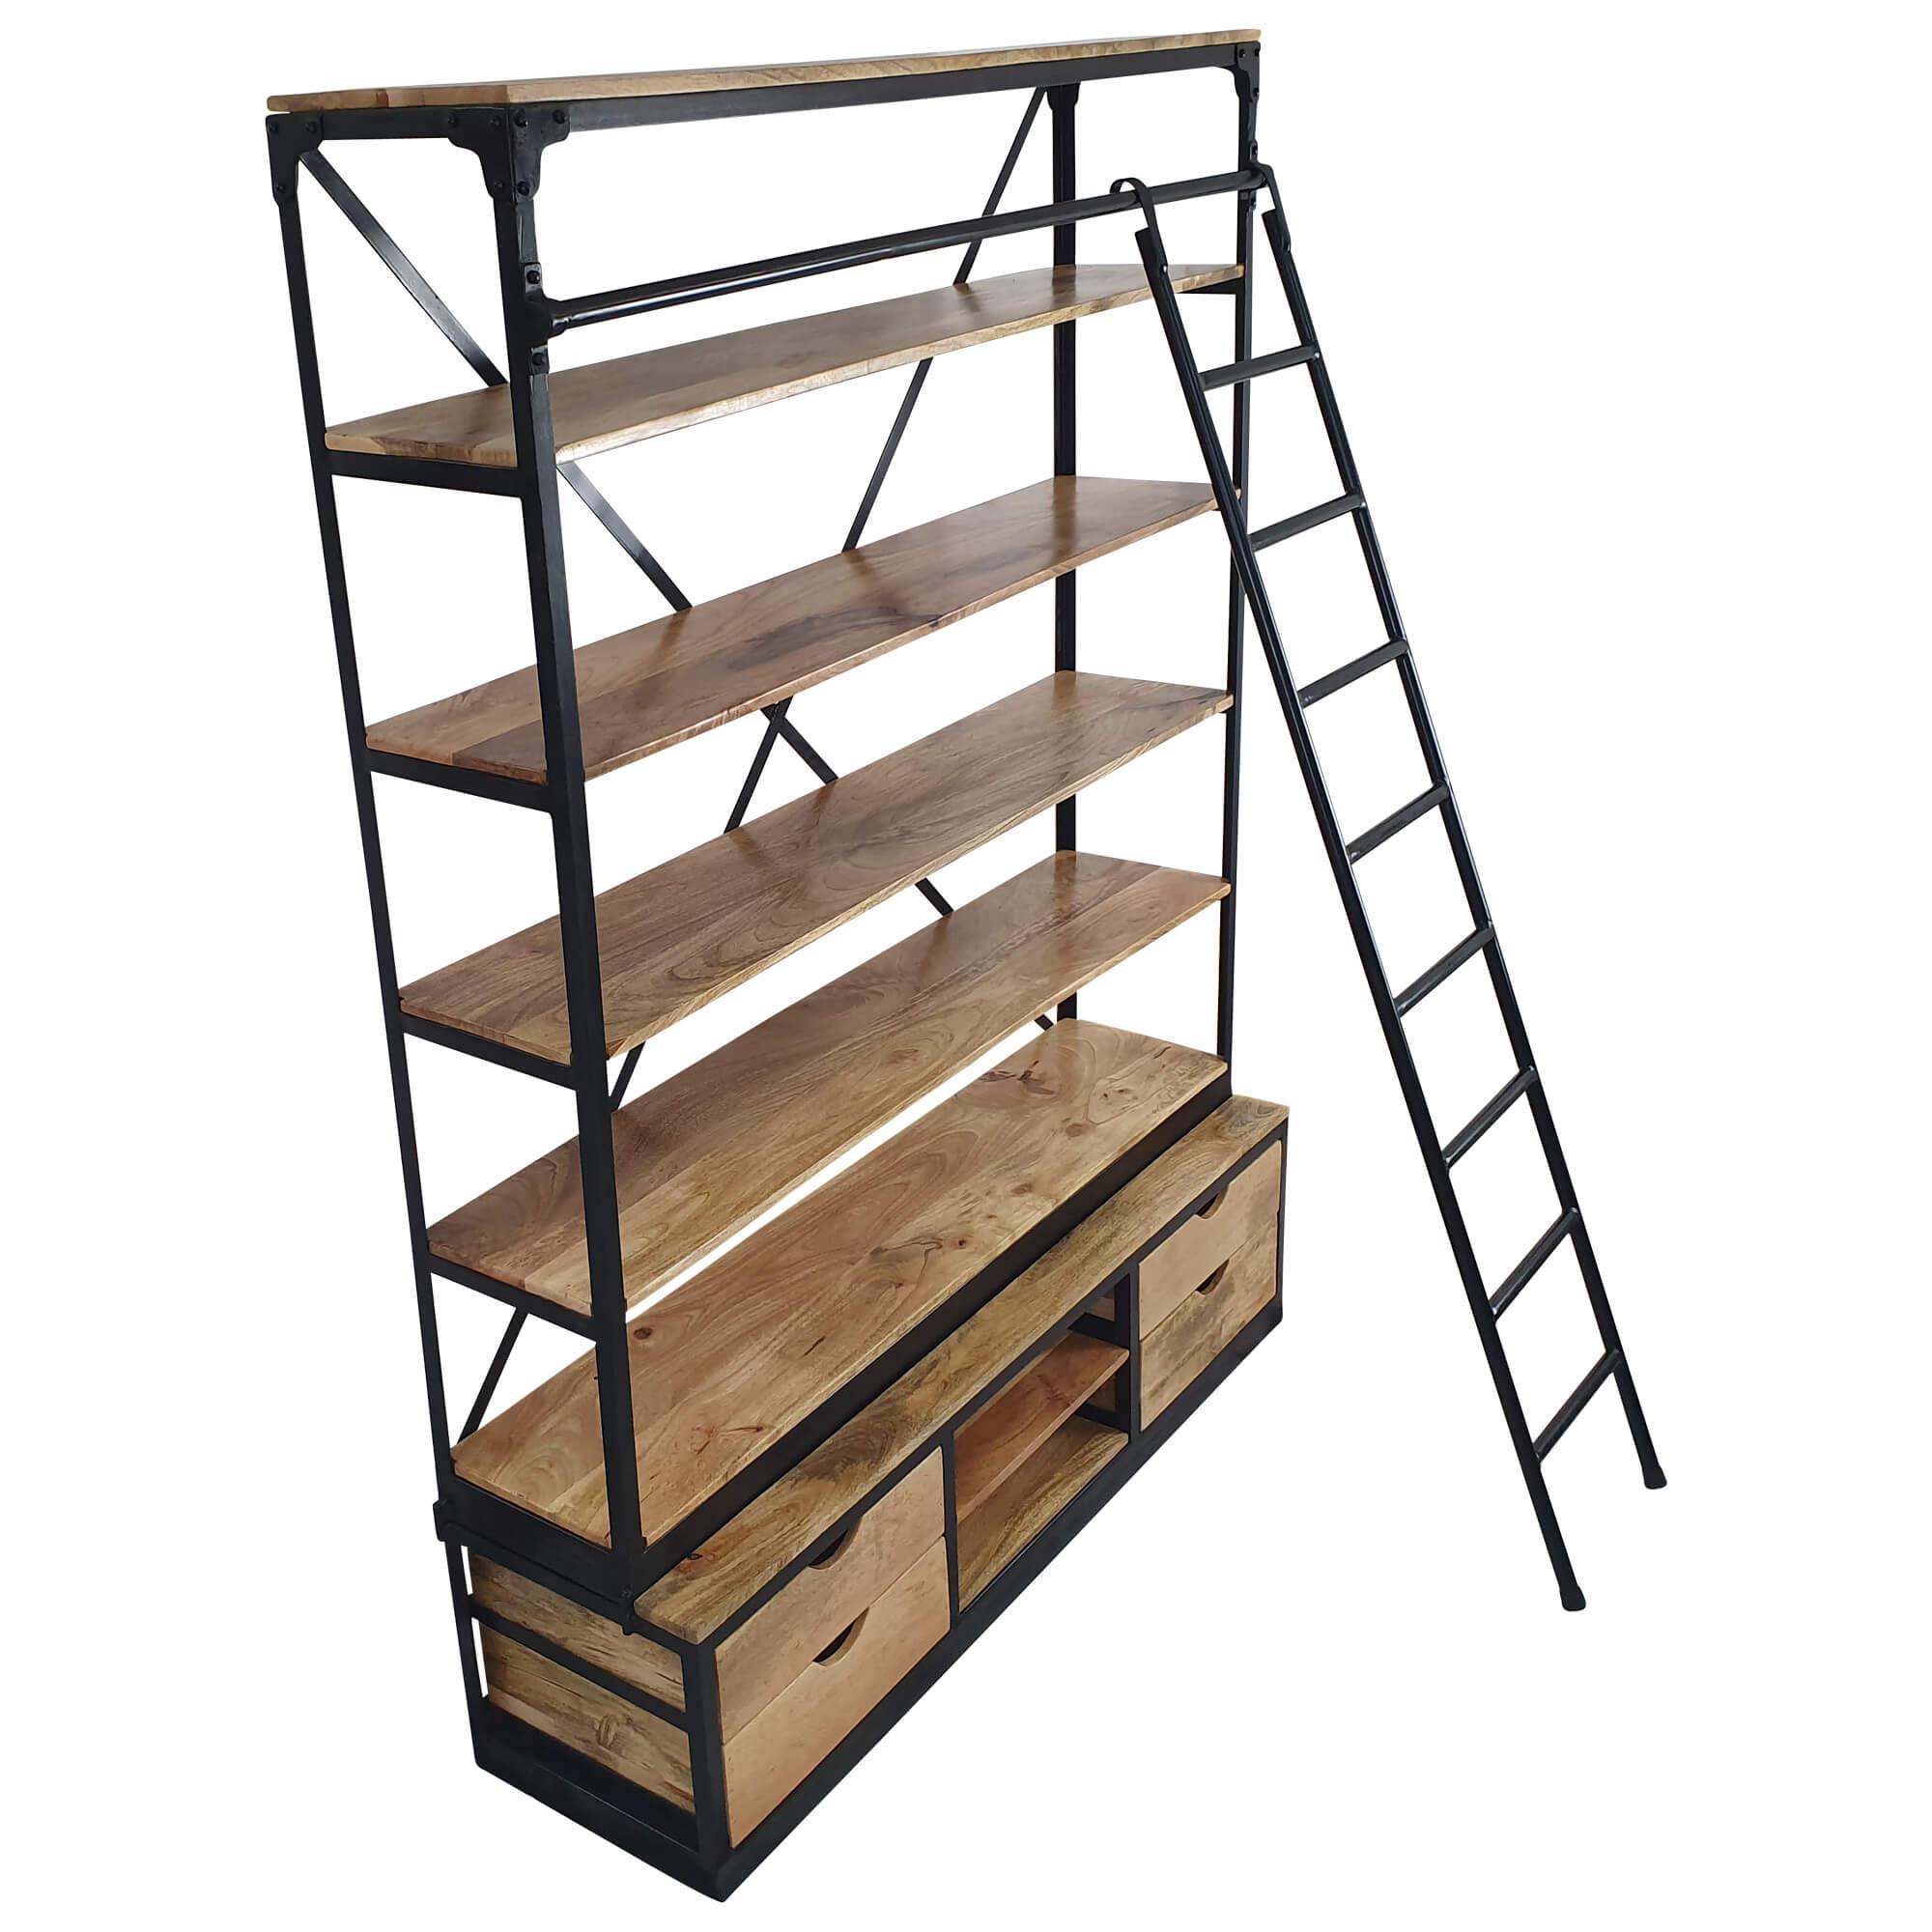 Buecherregal Holz Regal mit Leiter 150 x 200 cm Metall schwarz Industrial Design 3